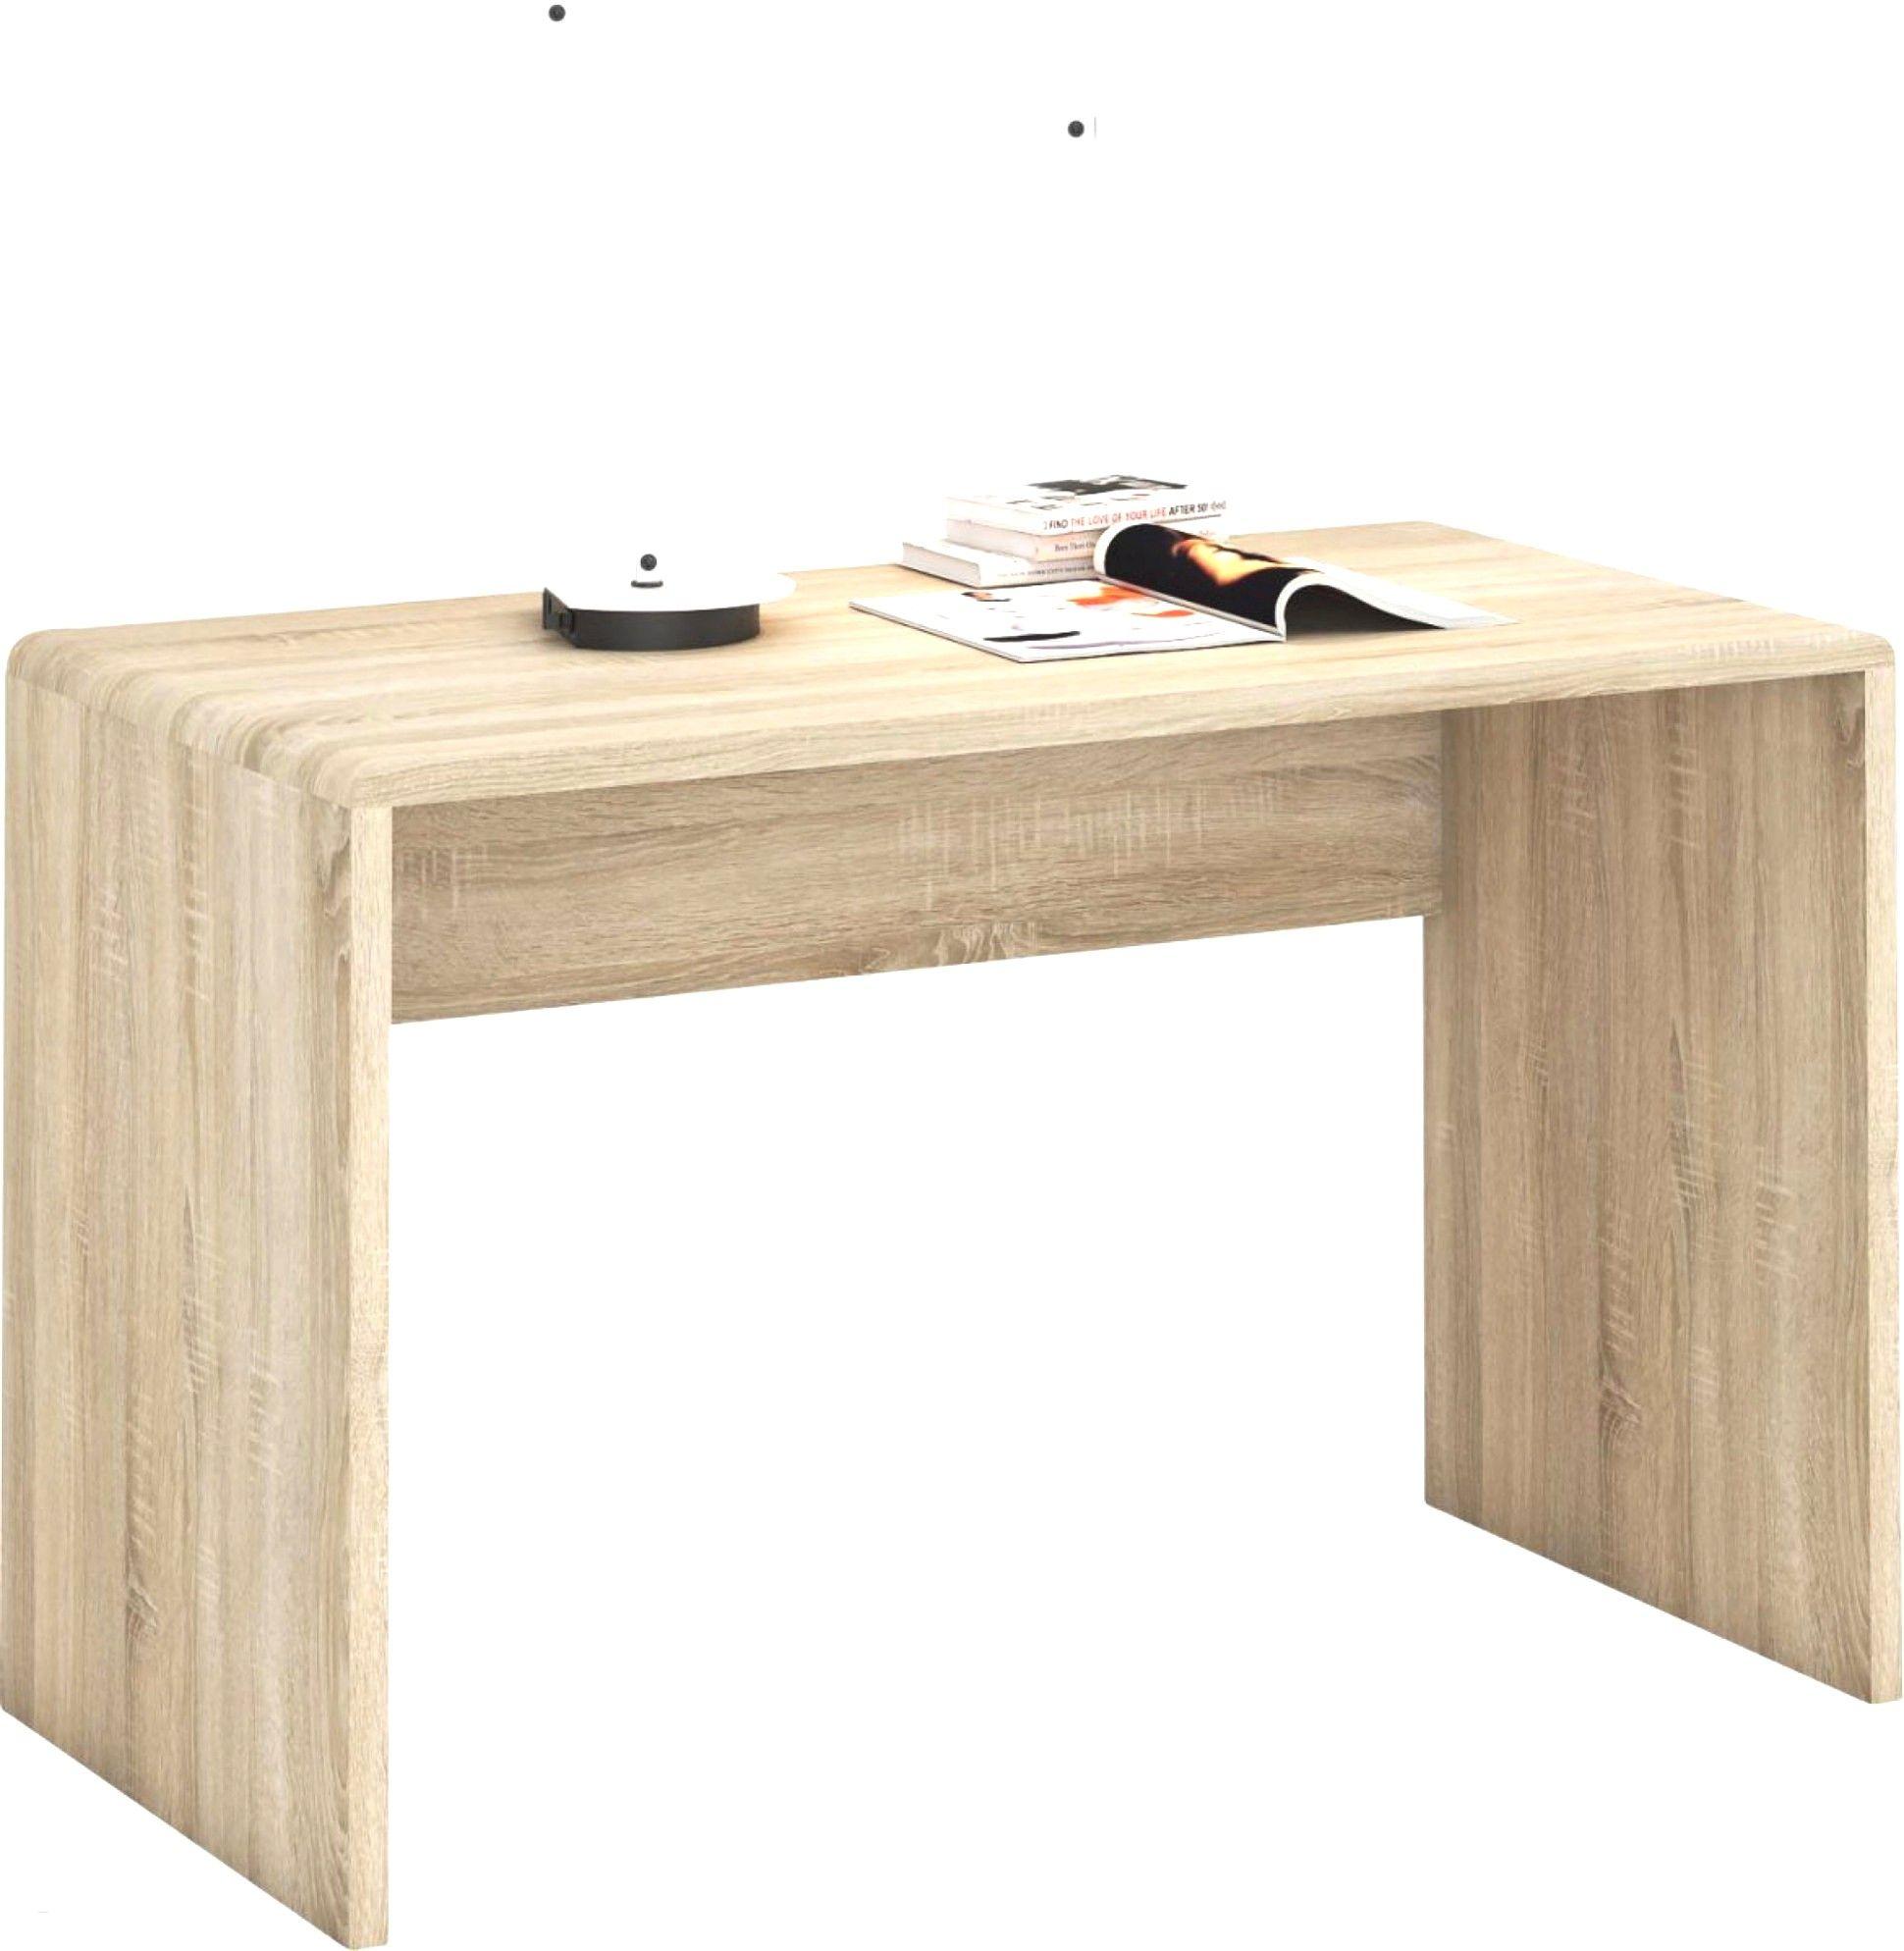 Ikea Galant Schreibtisch Anleitung 2021